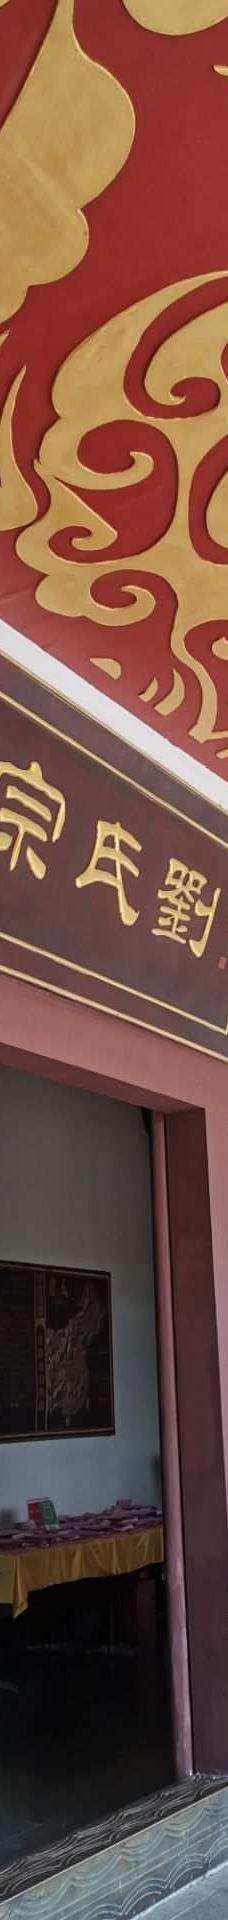 徐州汉文化景区-徐州